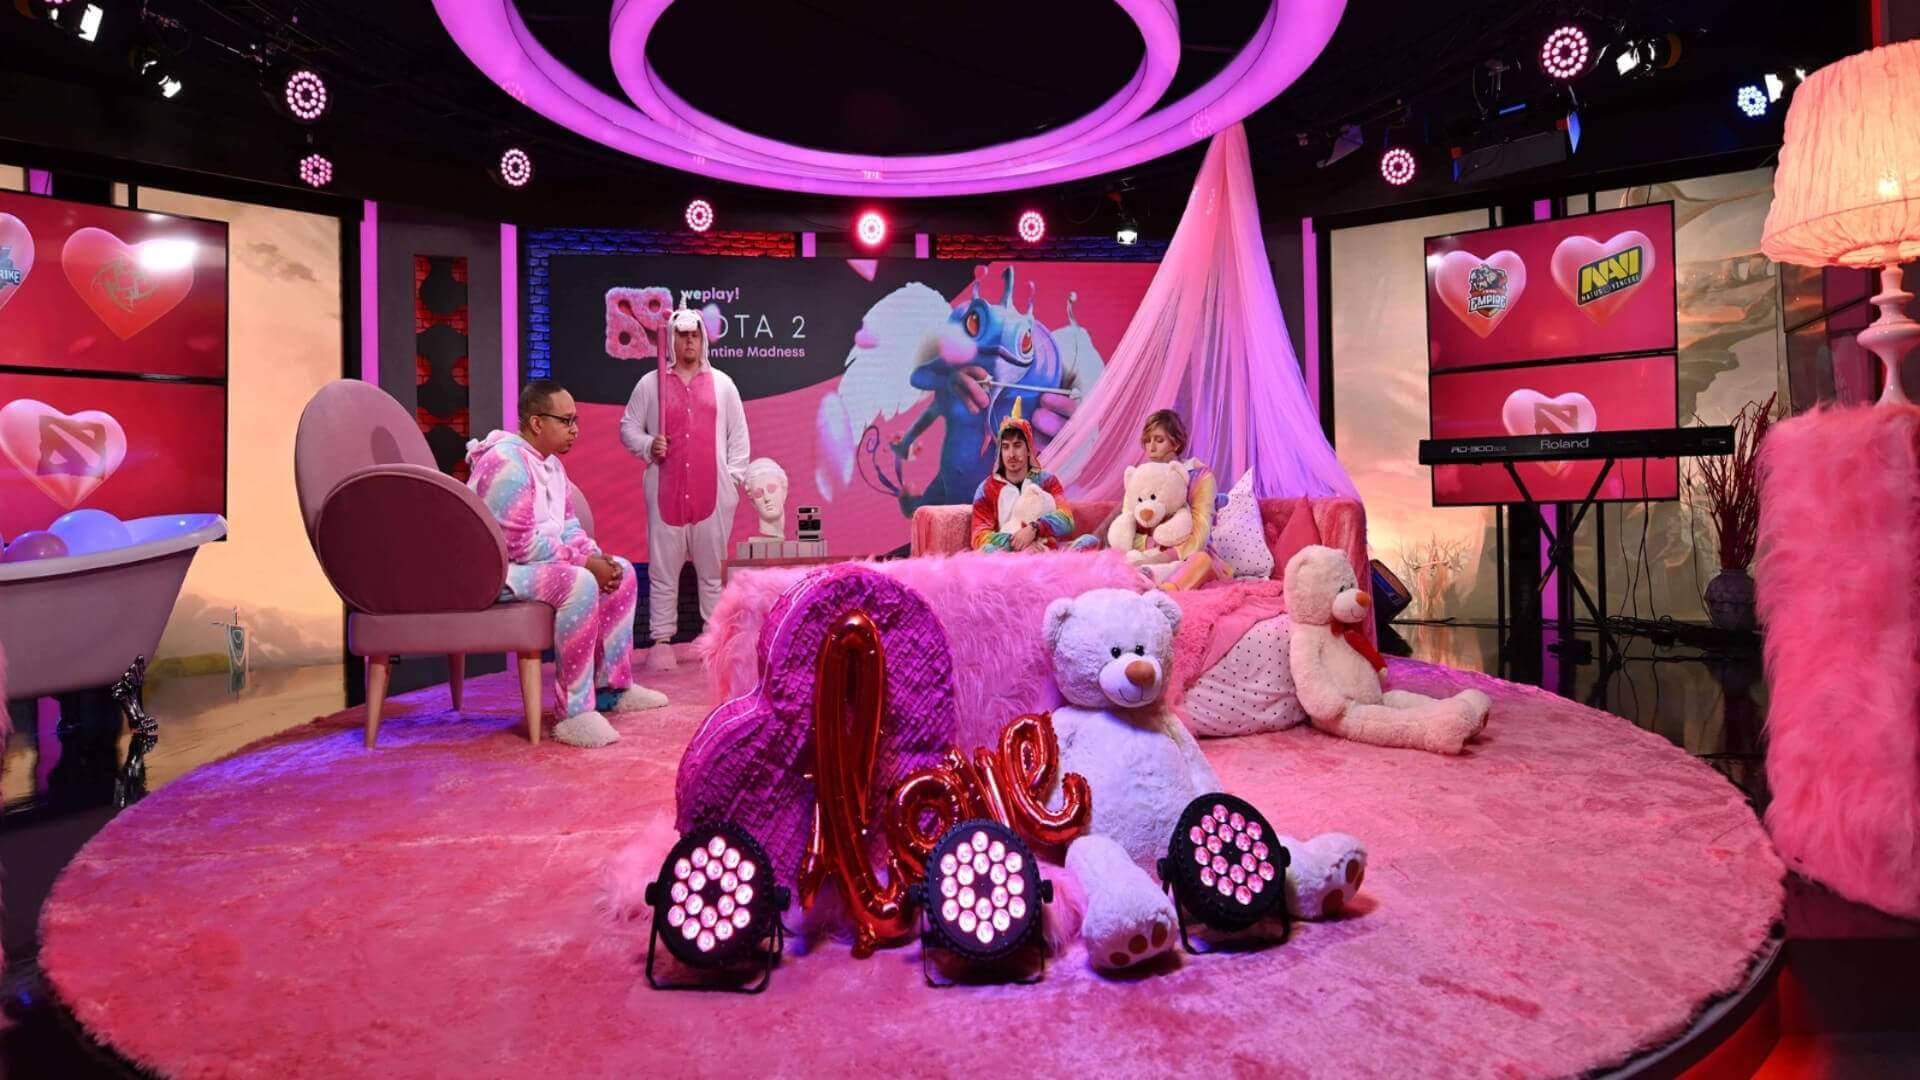 WePlay! Dota 2 Valentine Madness studio